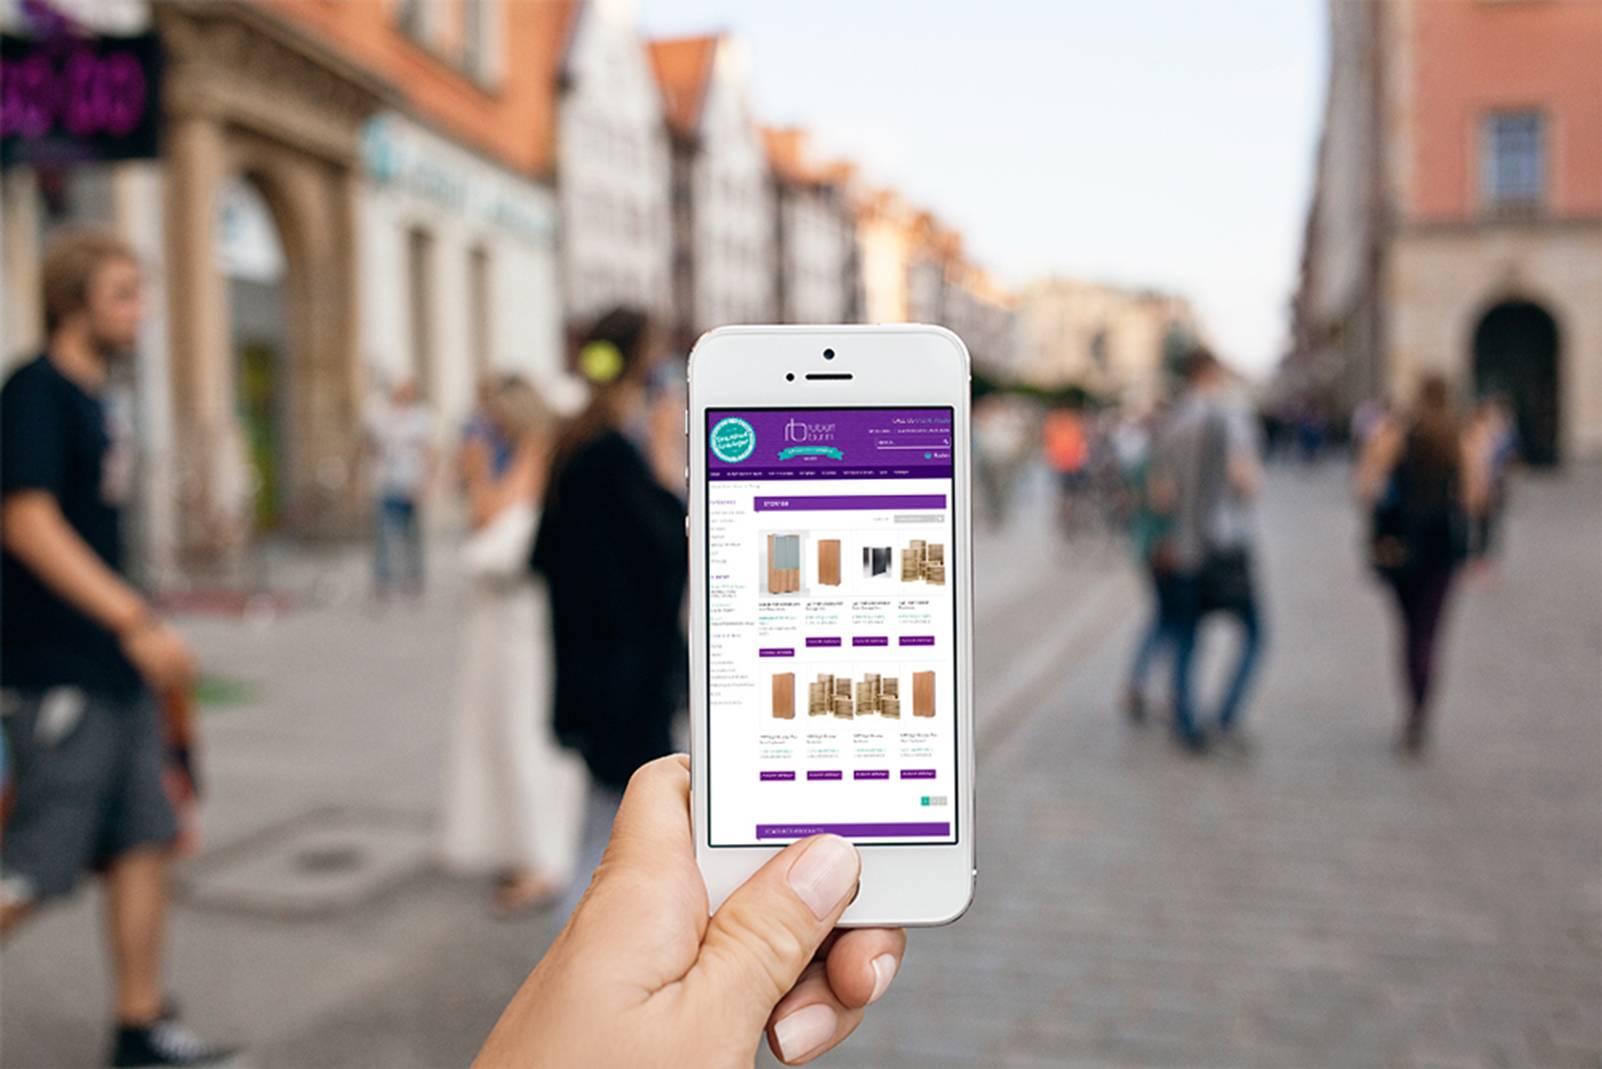 mobile phone being held in street